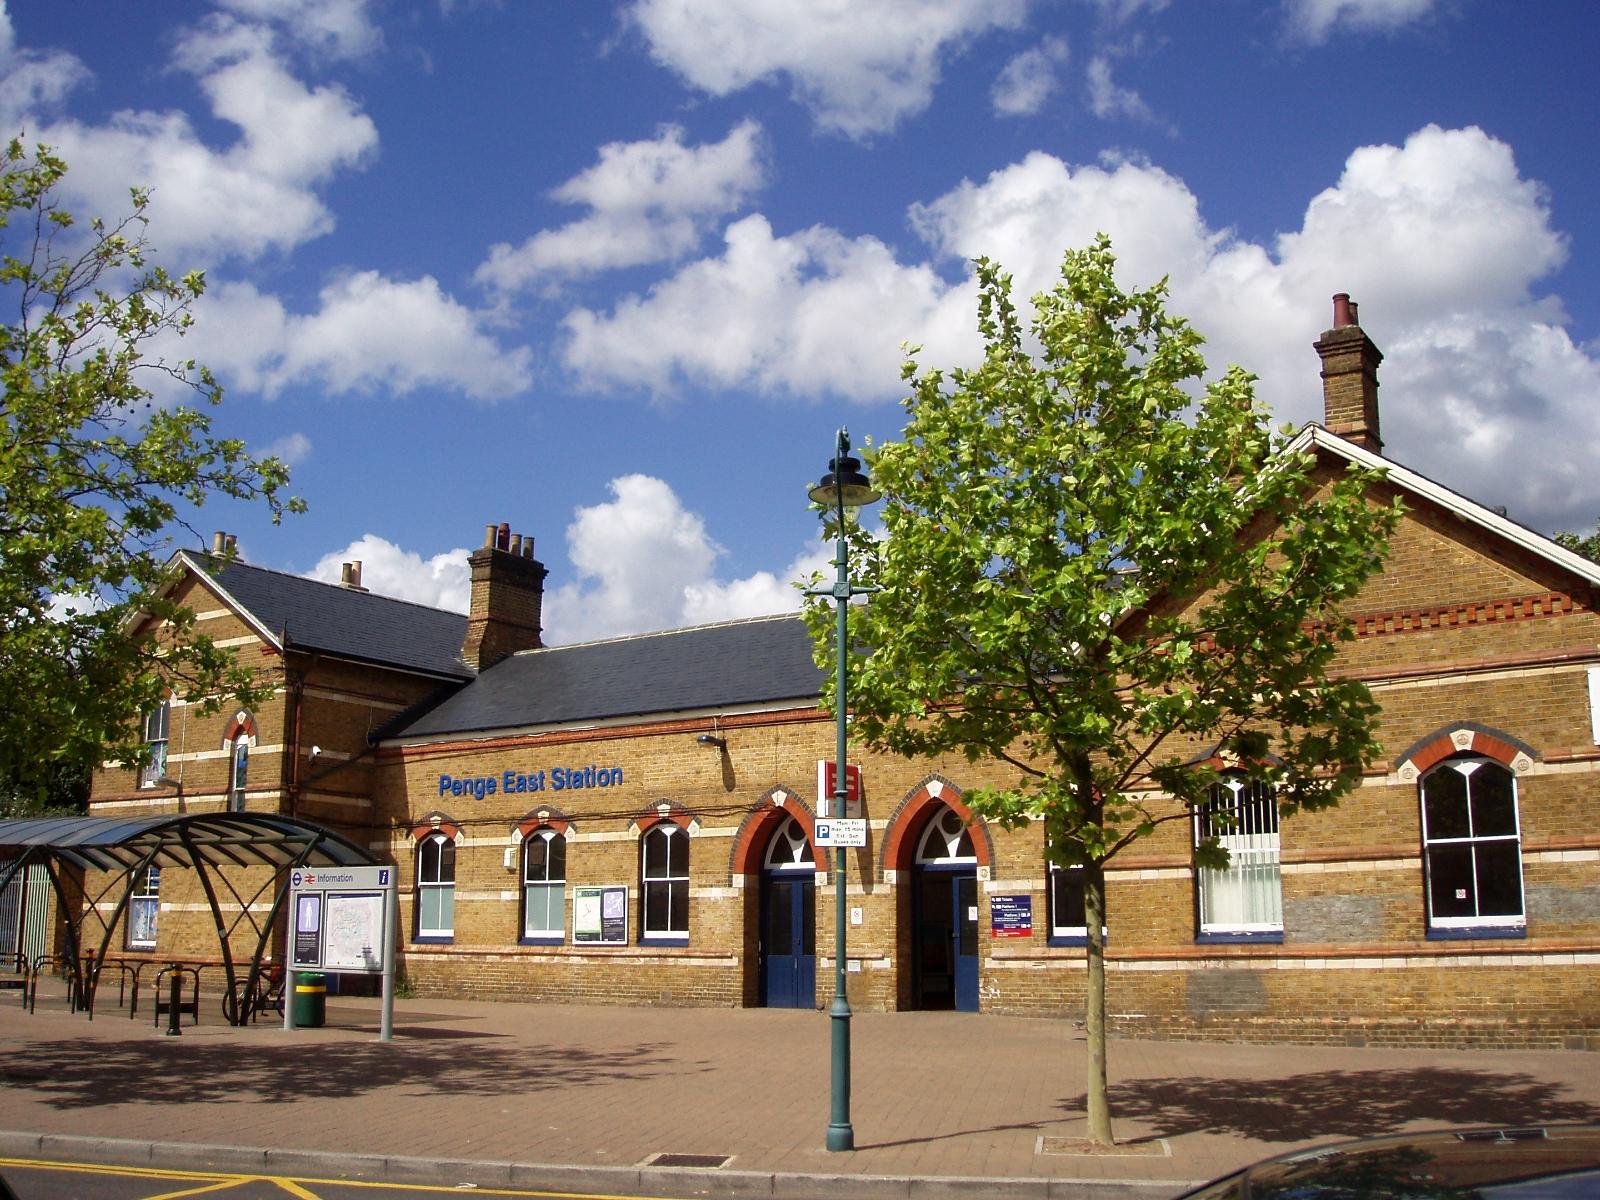 penge east station.jpg